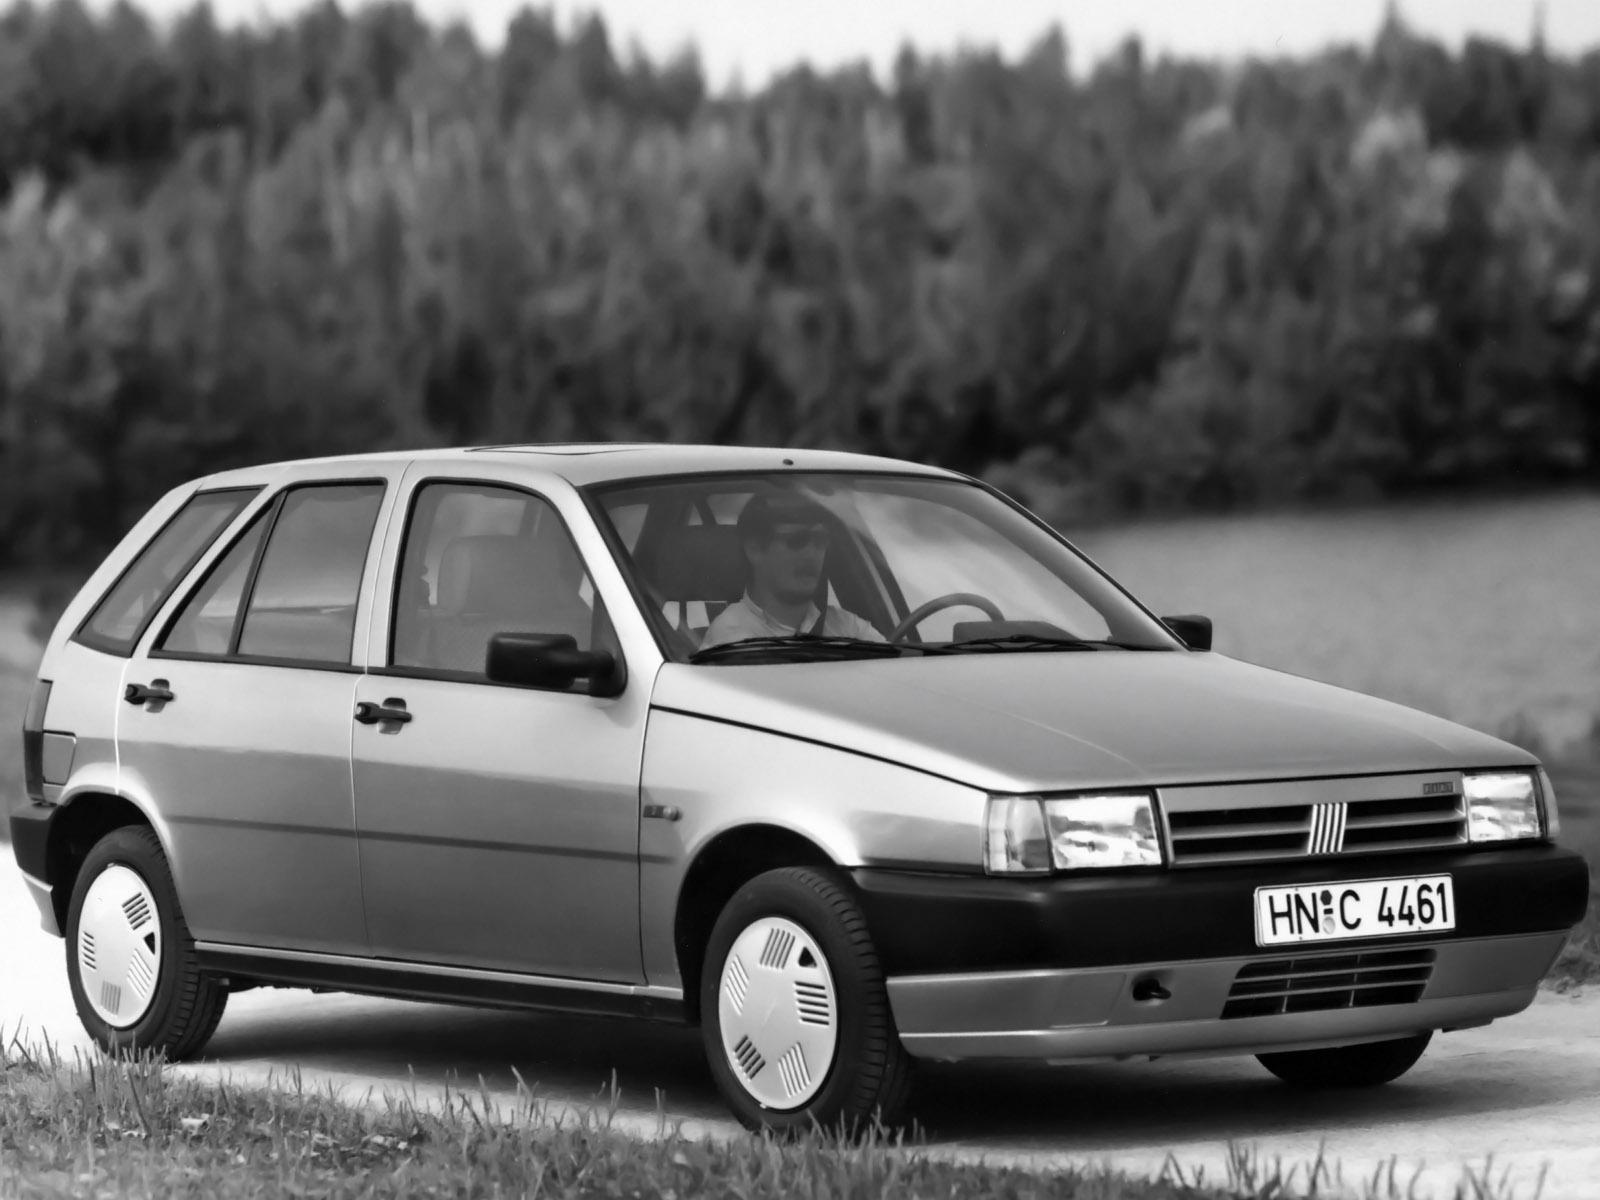 Fiat Tipo, ossia Fiat Due